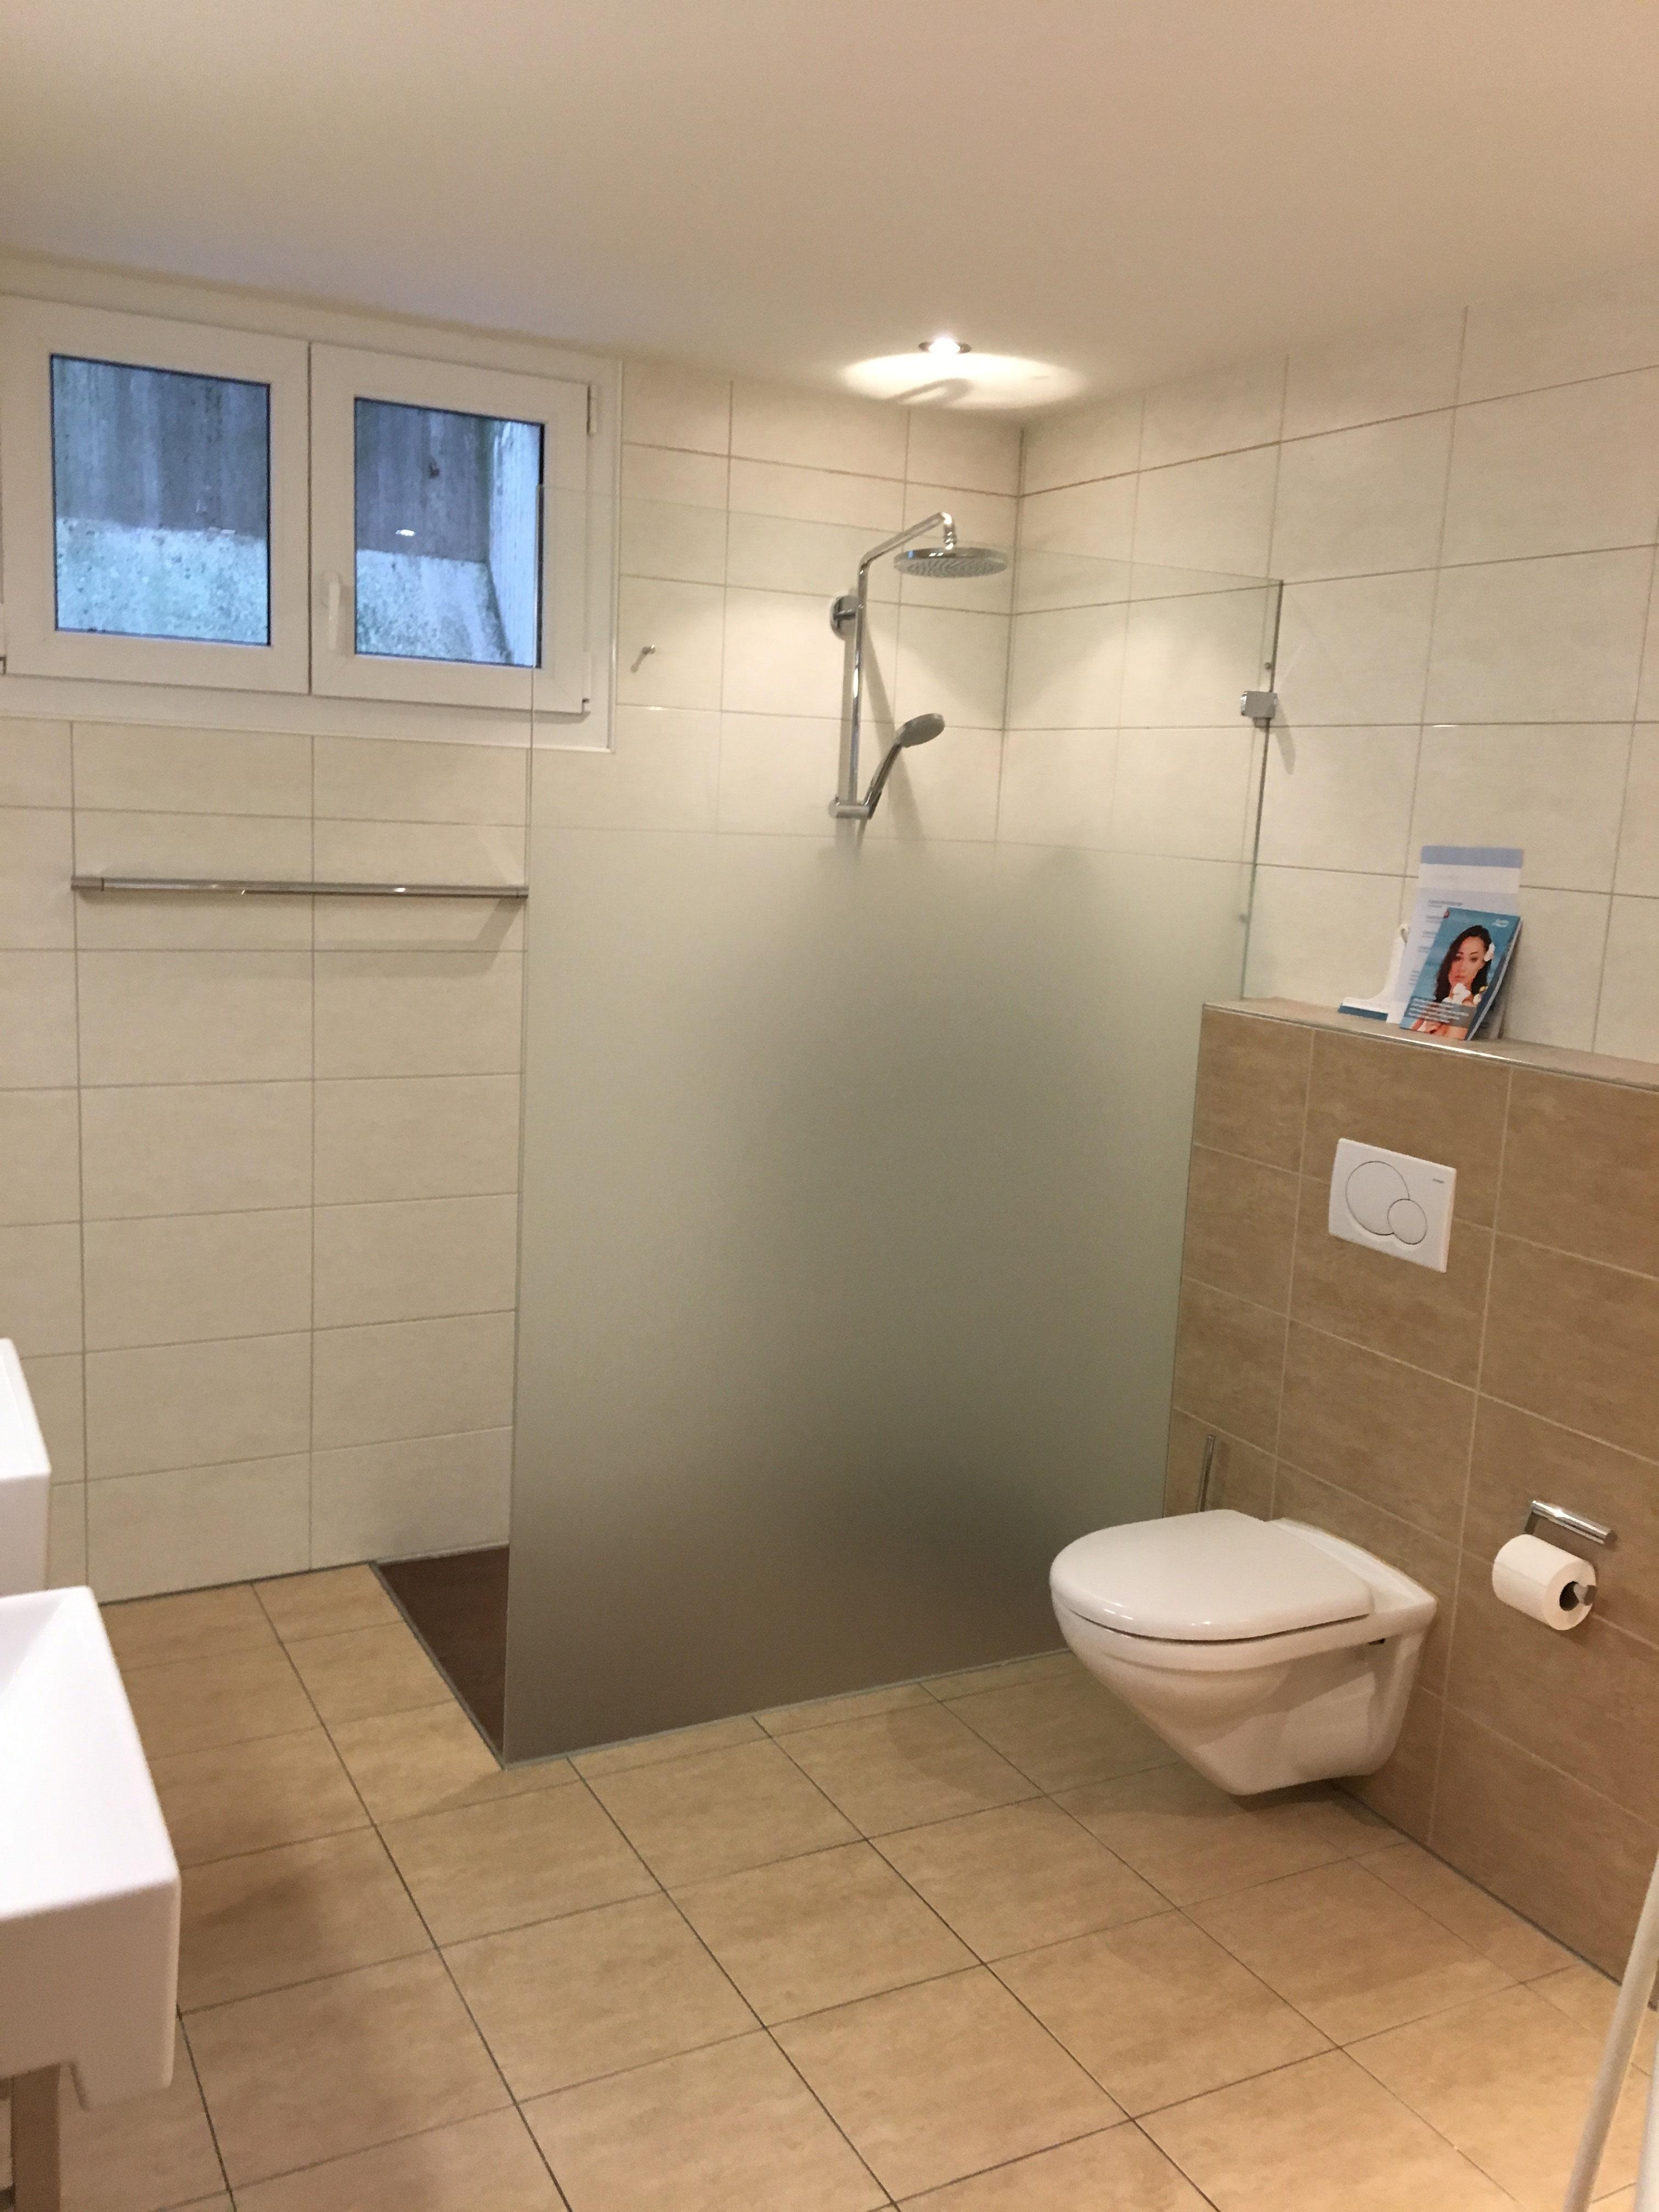 Aus Kleiner Dusche Wird Walk In Losung Reusstal Expresss Jimdo Page